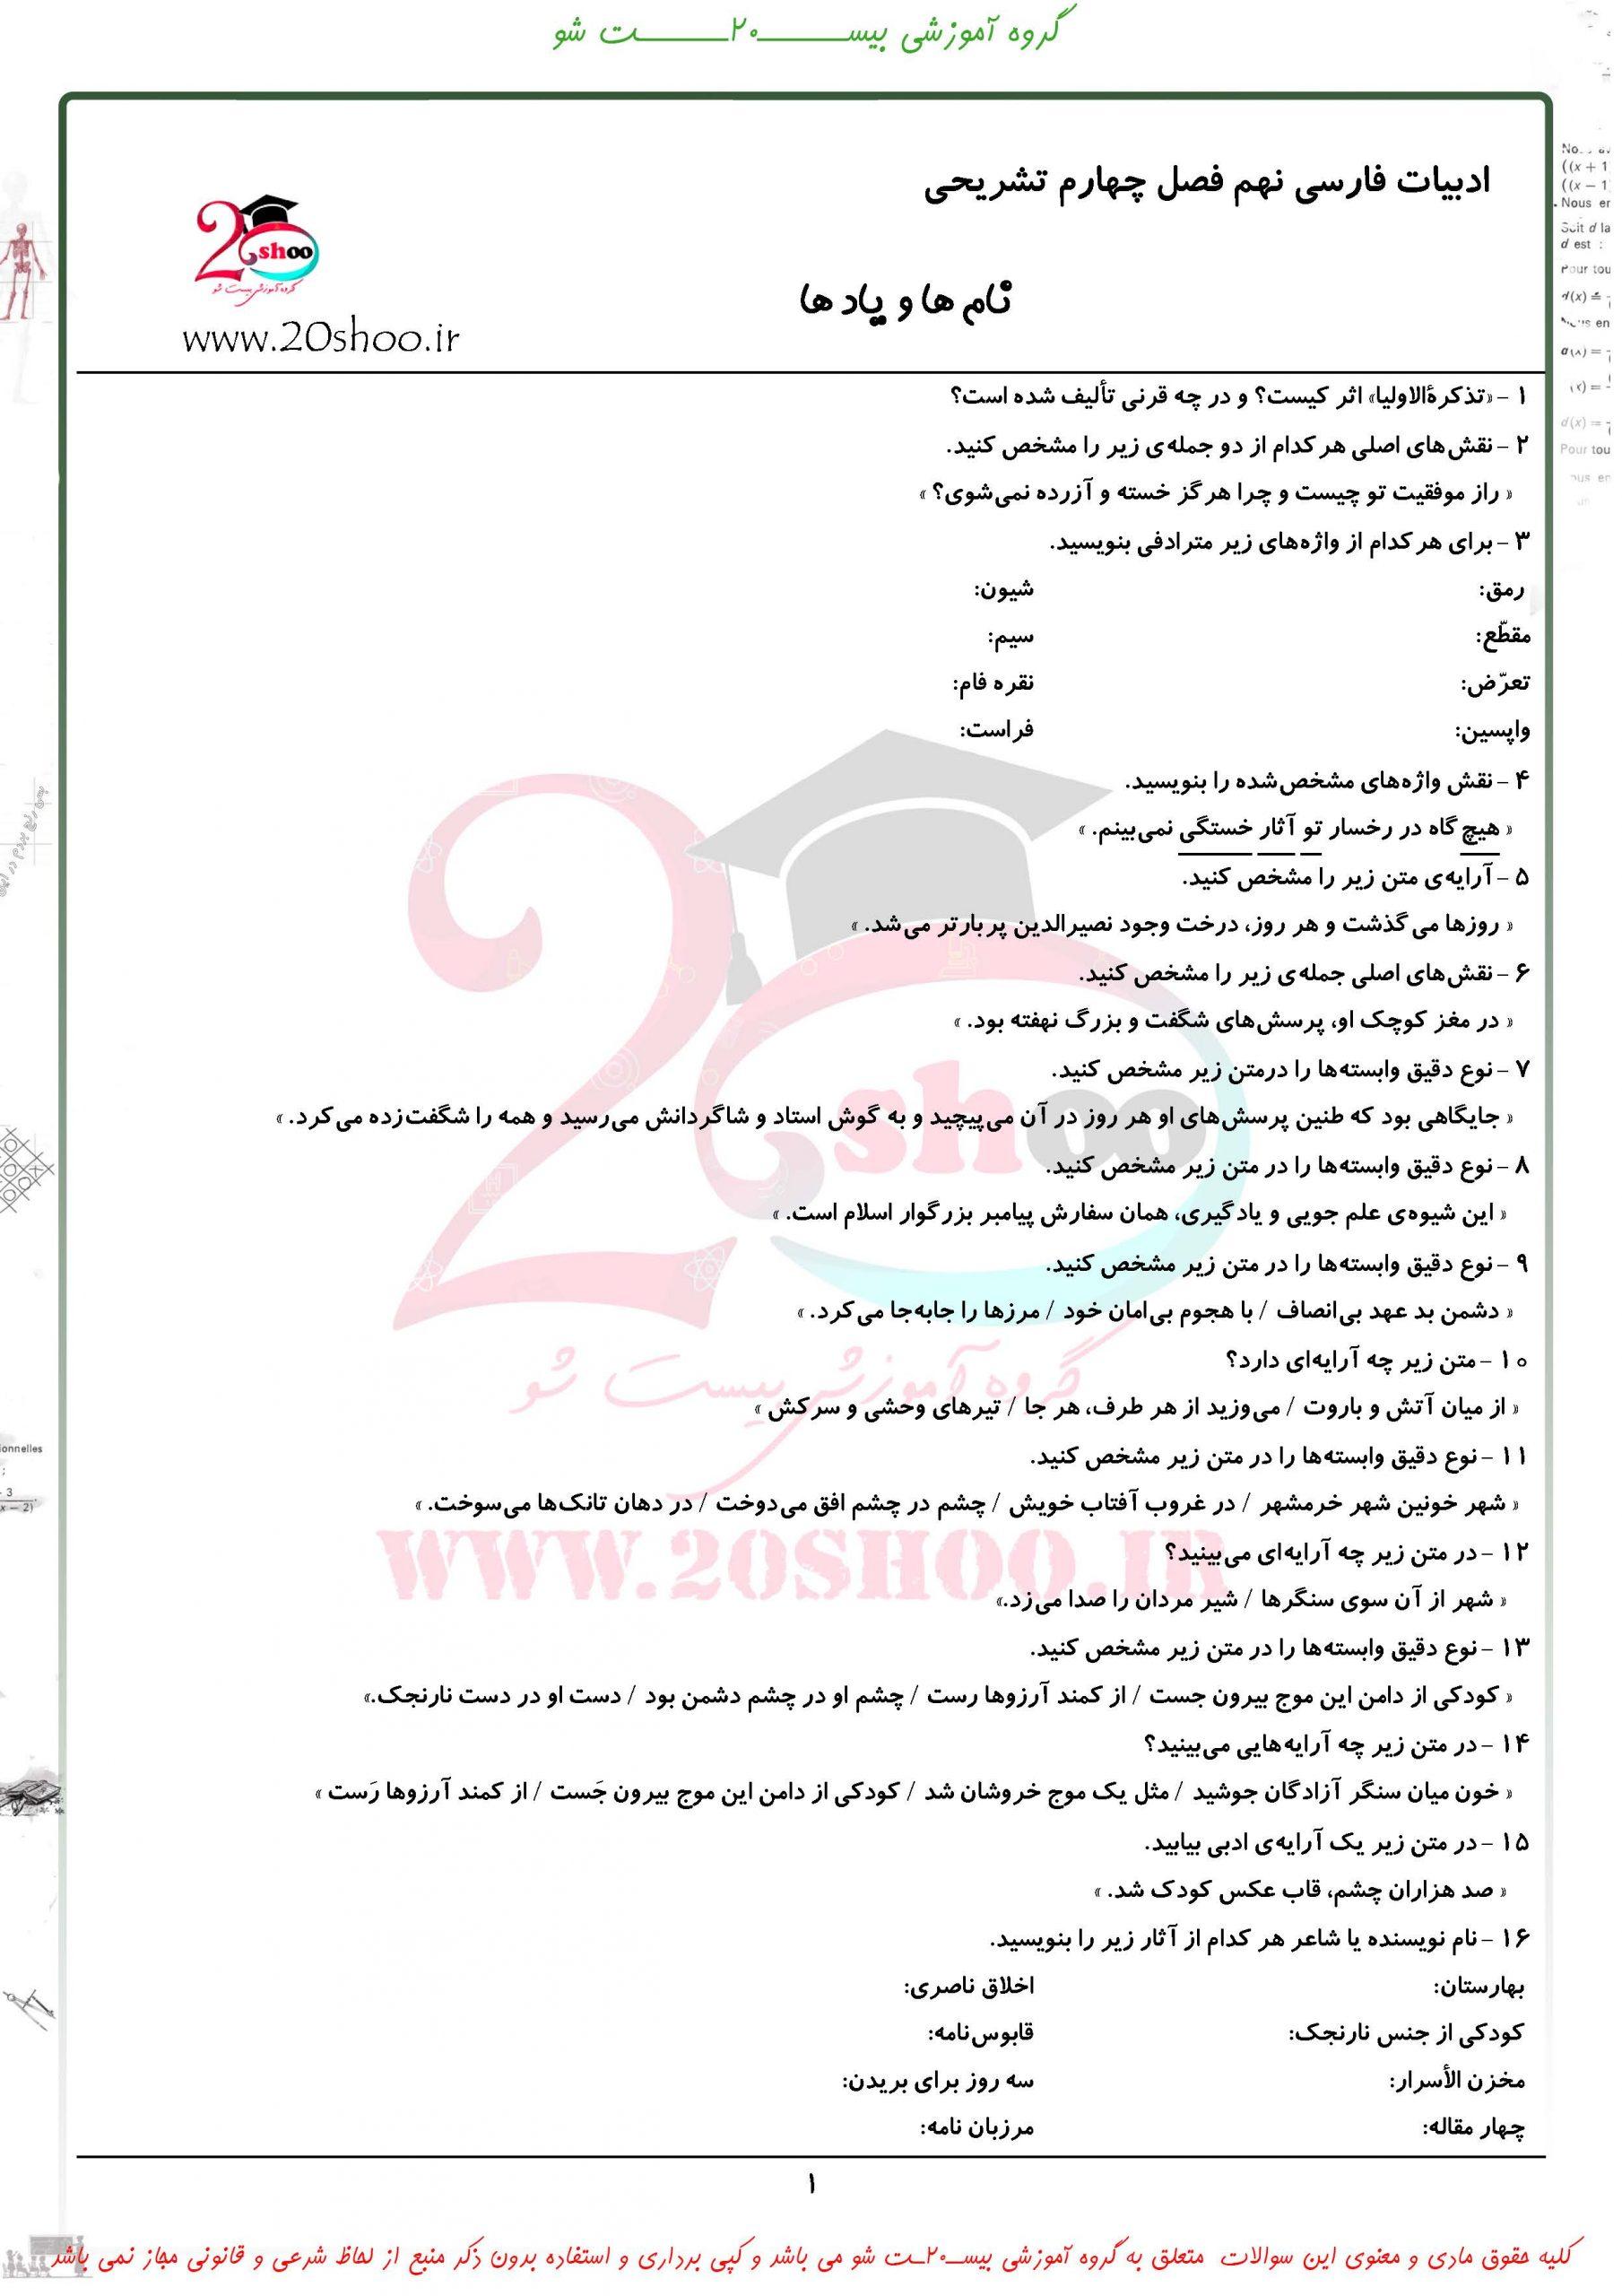 سوالات تشریحی ادبیات فارسی نهم فصل چهارم